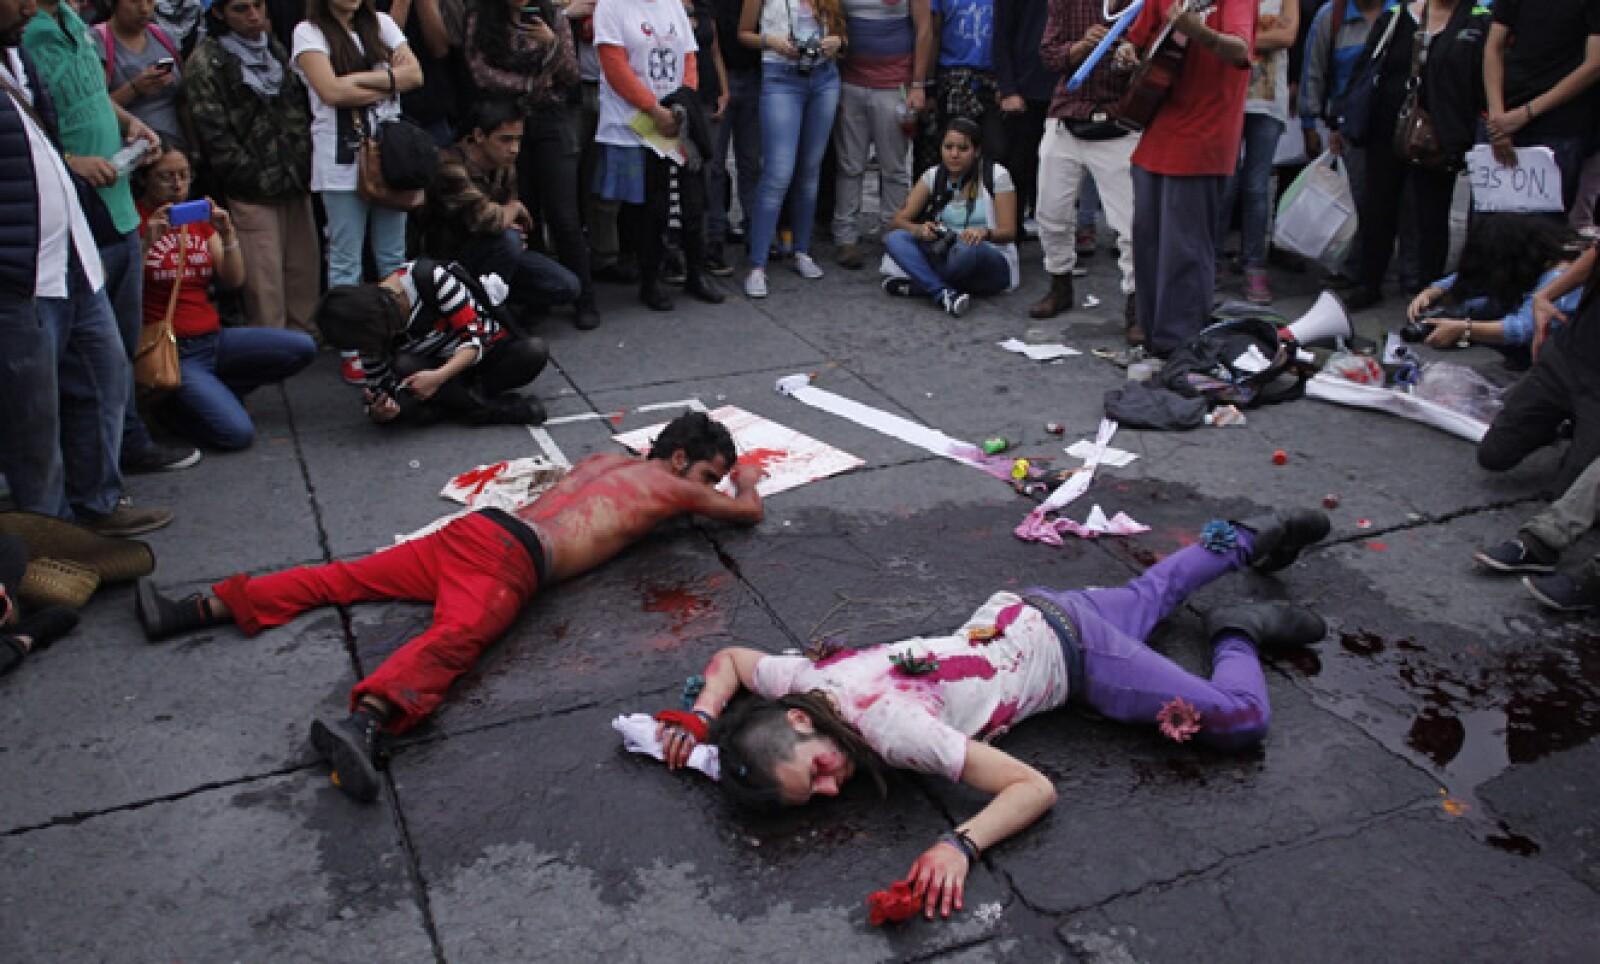 Los manifestantes representaron los actos de violencia contra los estudiantes normalistas.